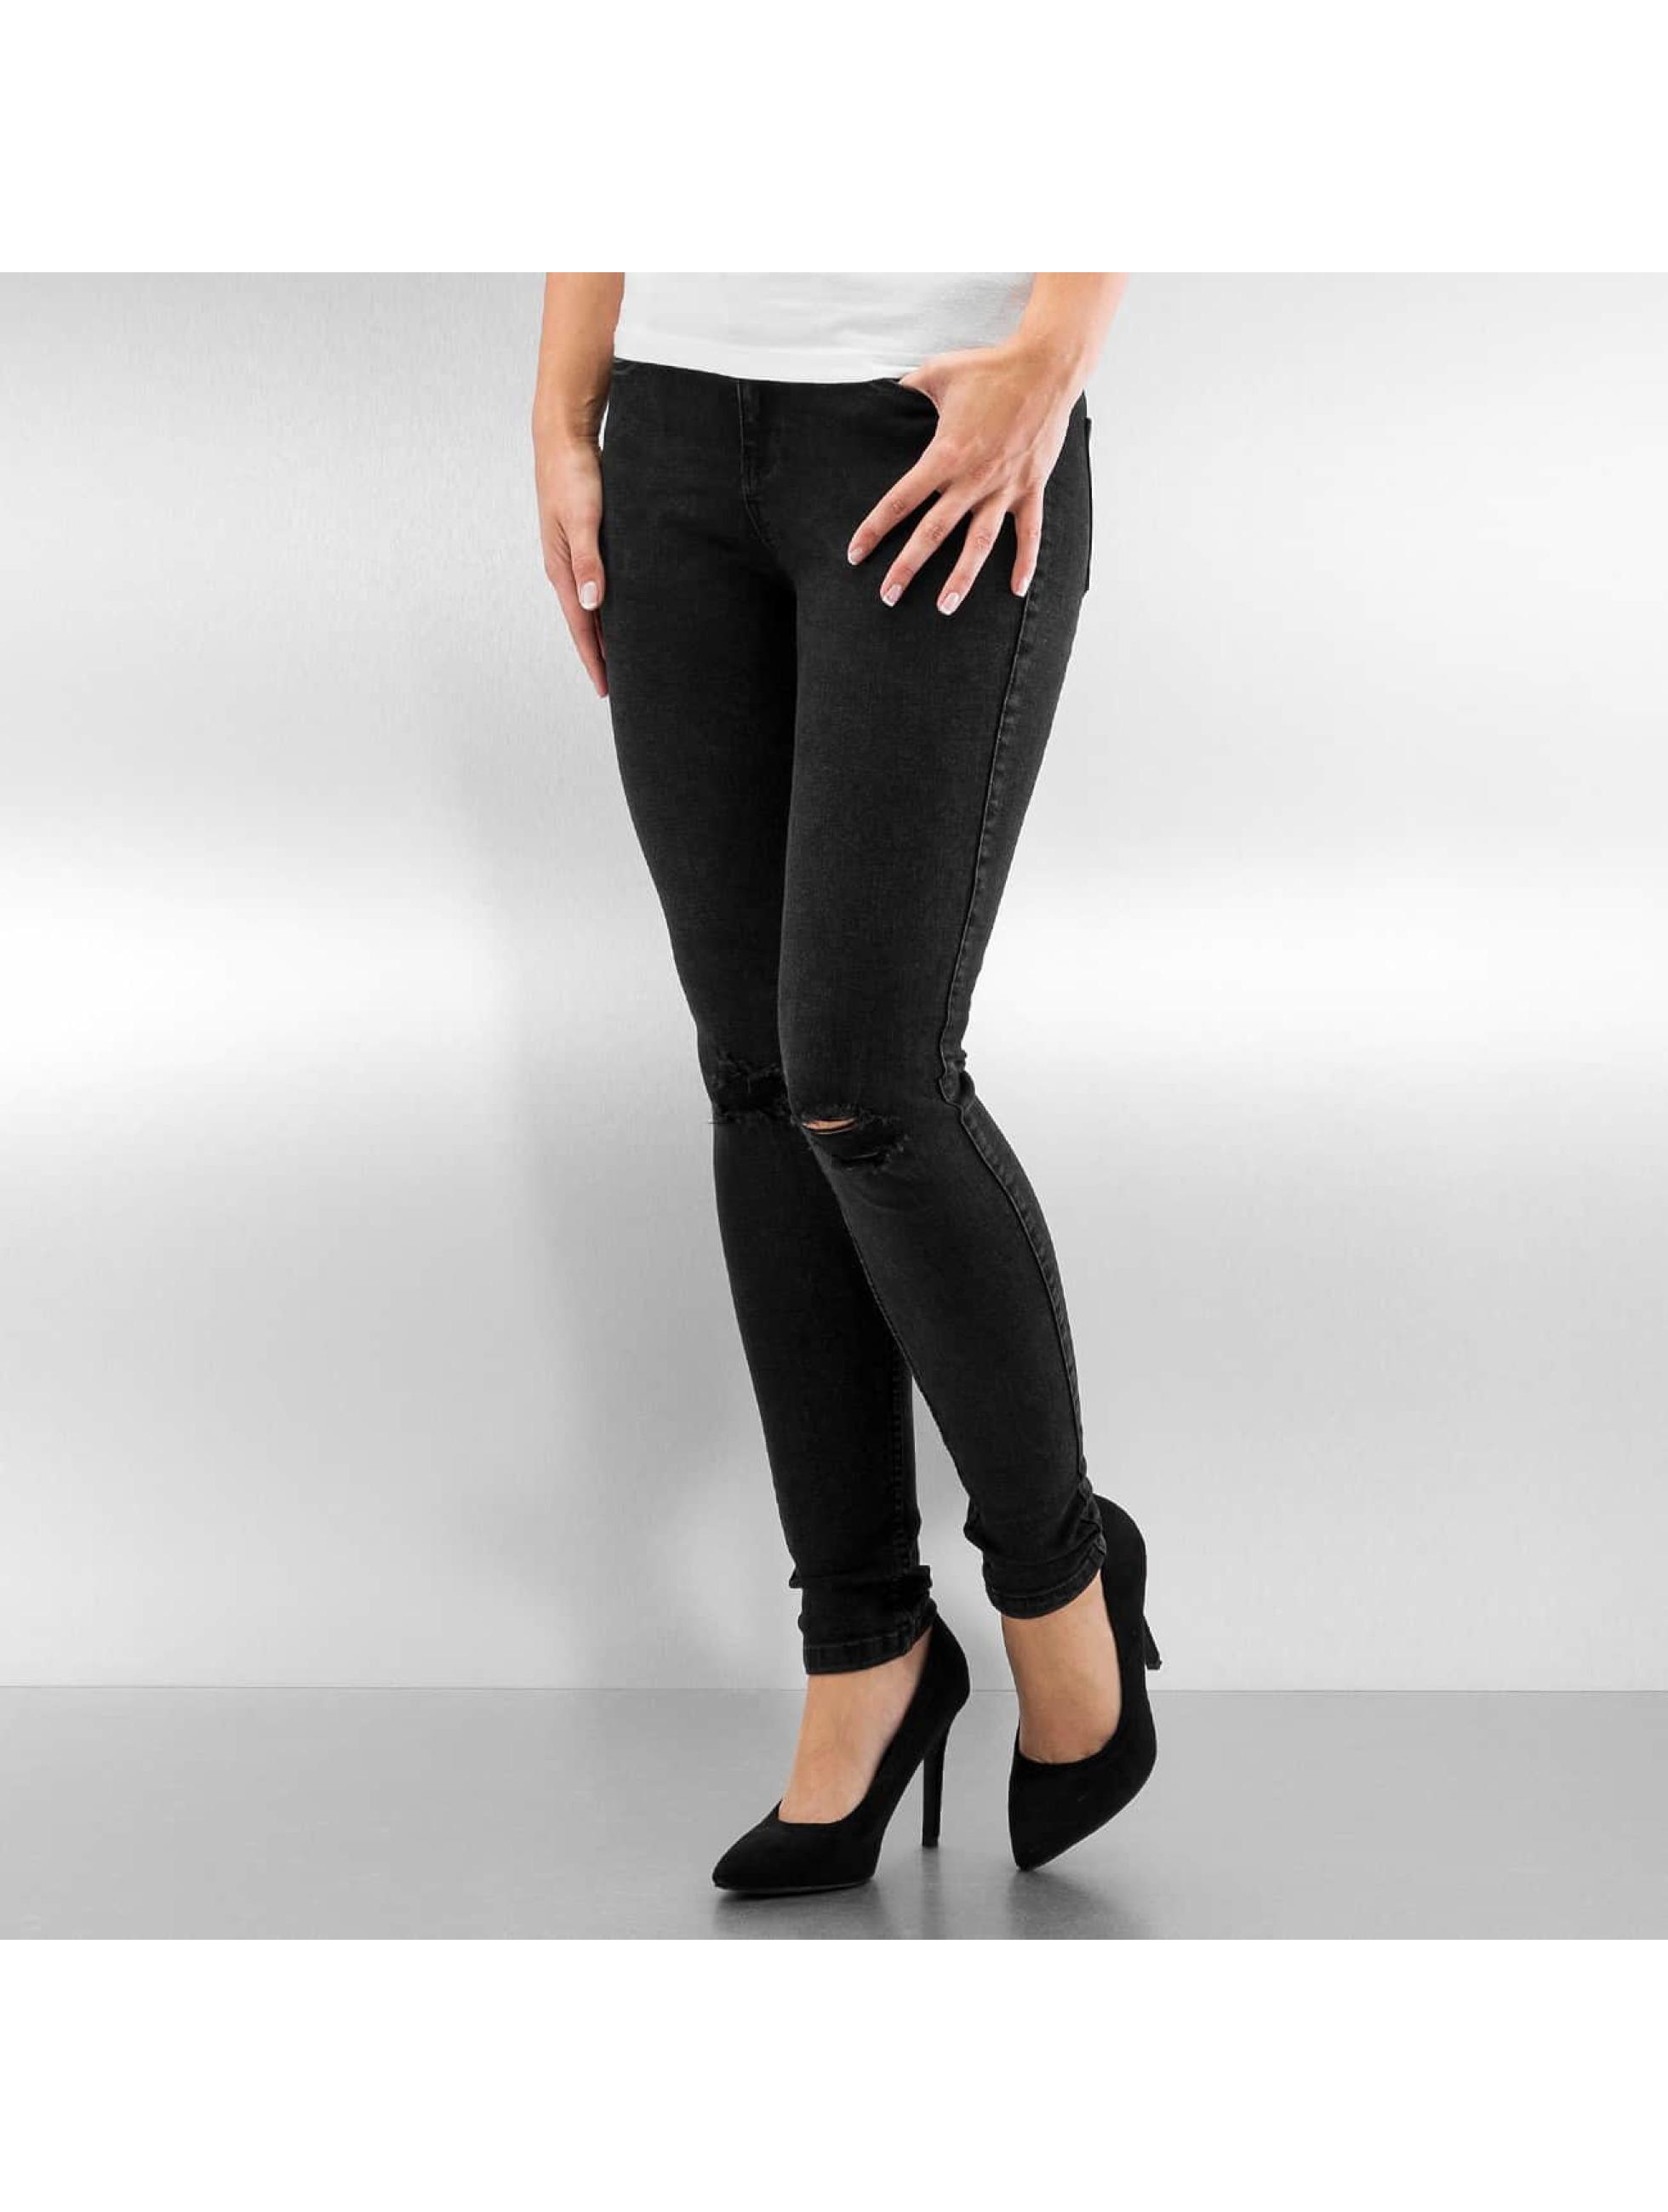 Skinny Jeans NMLucy in schwarz